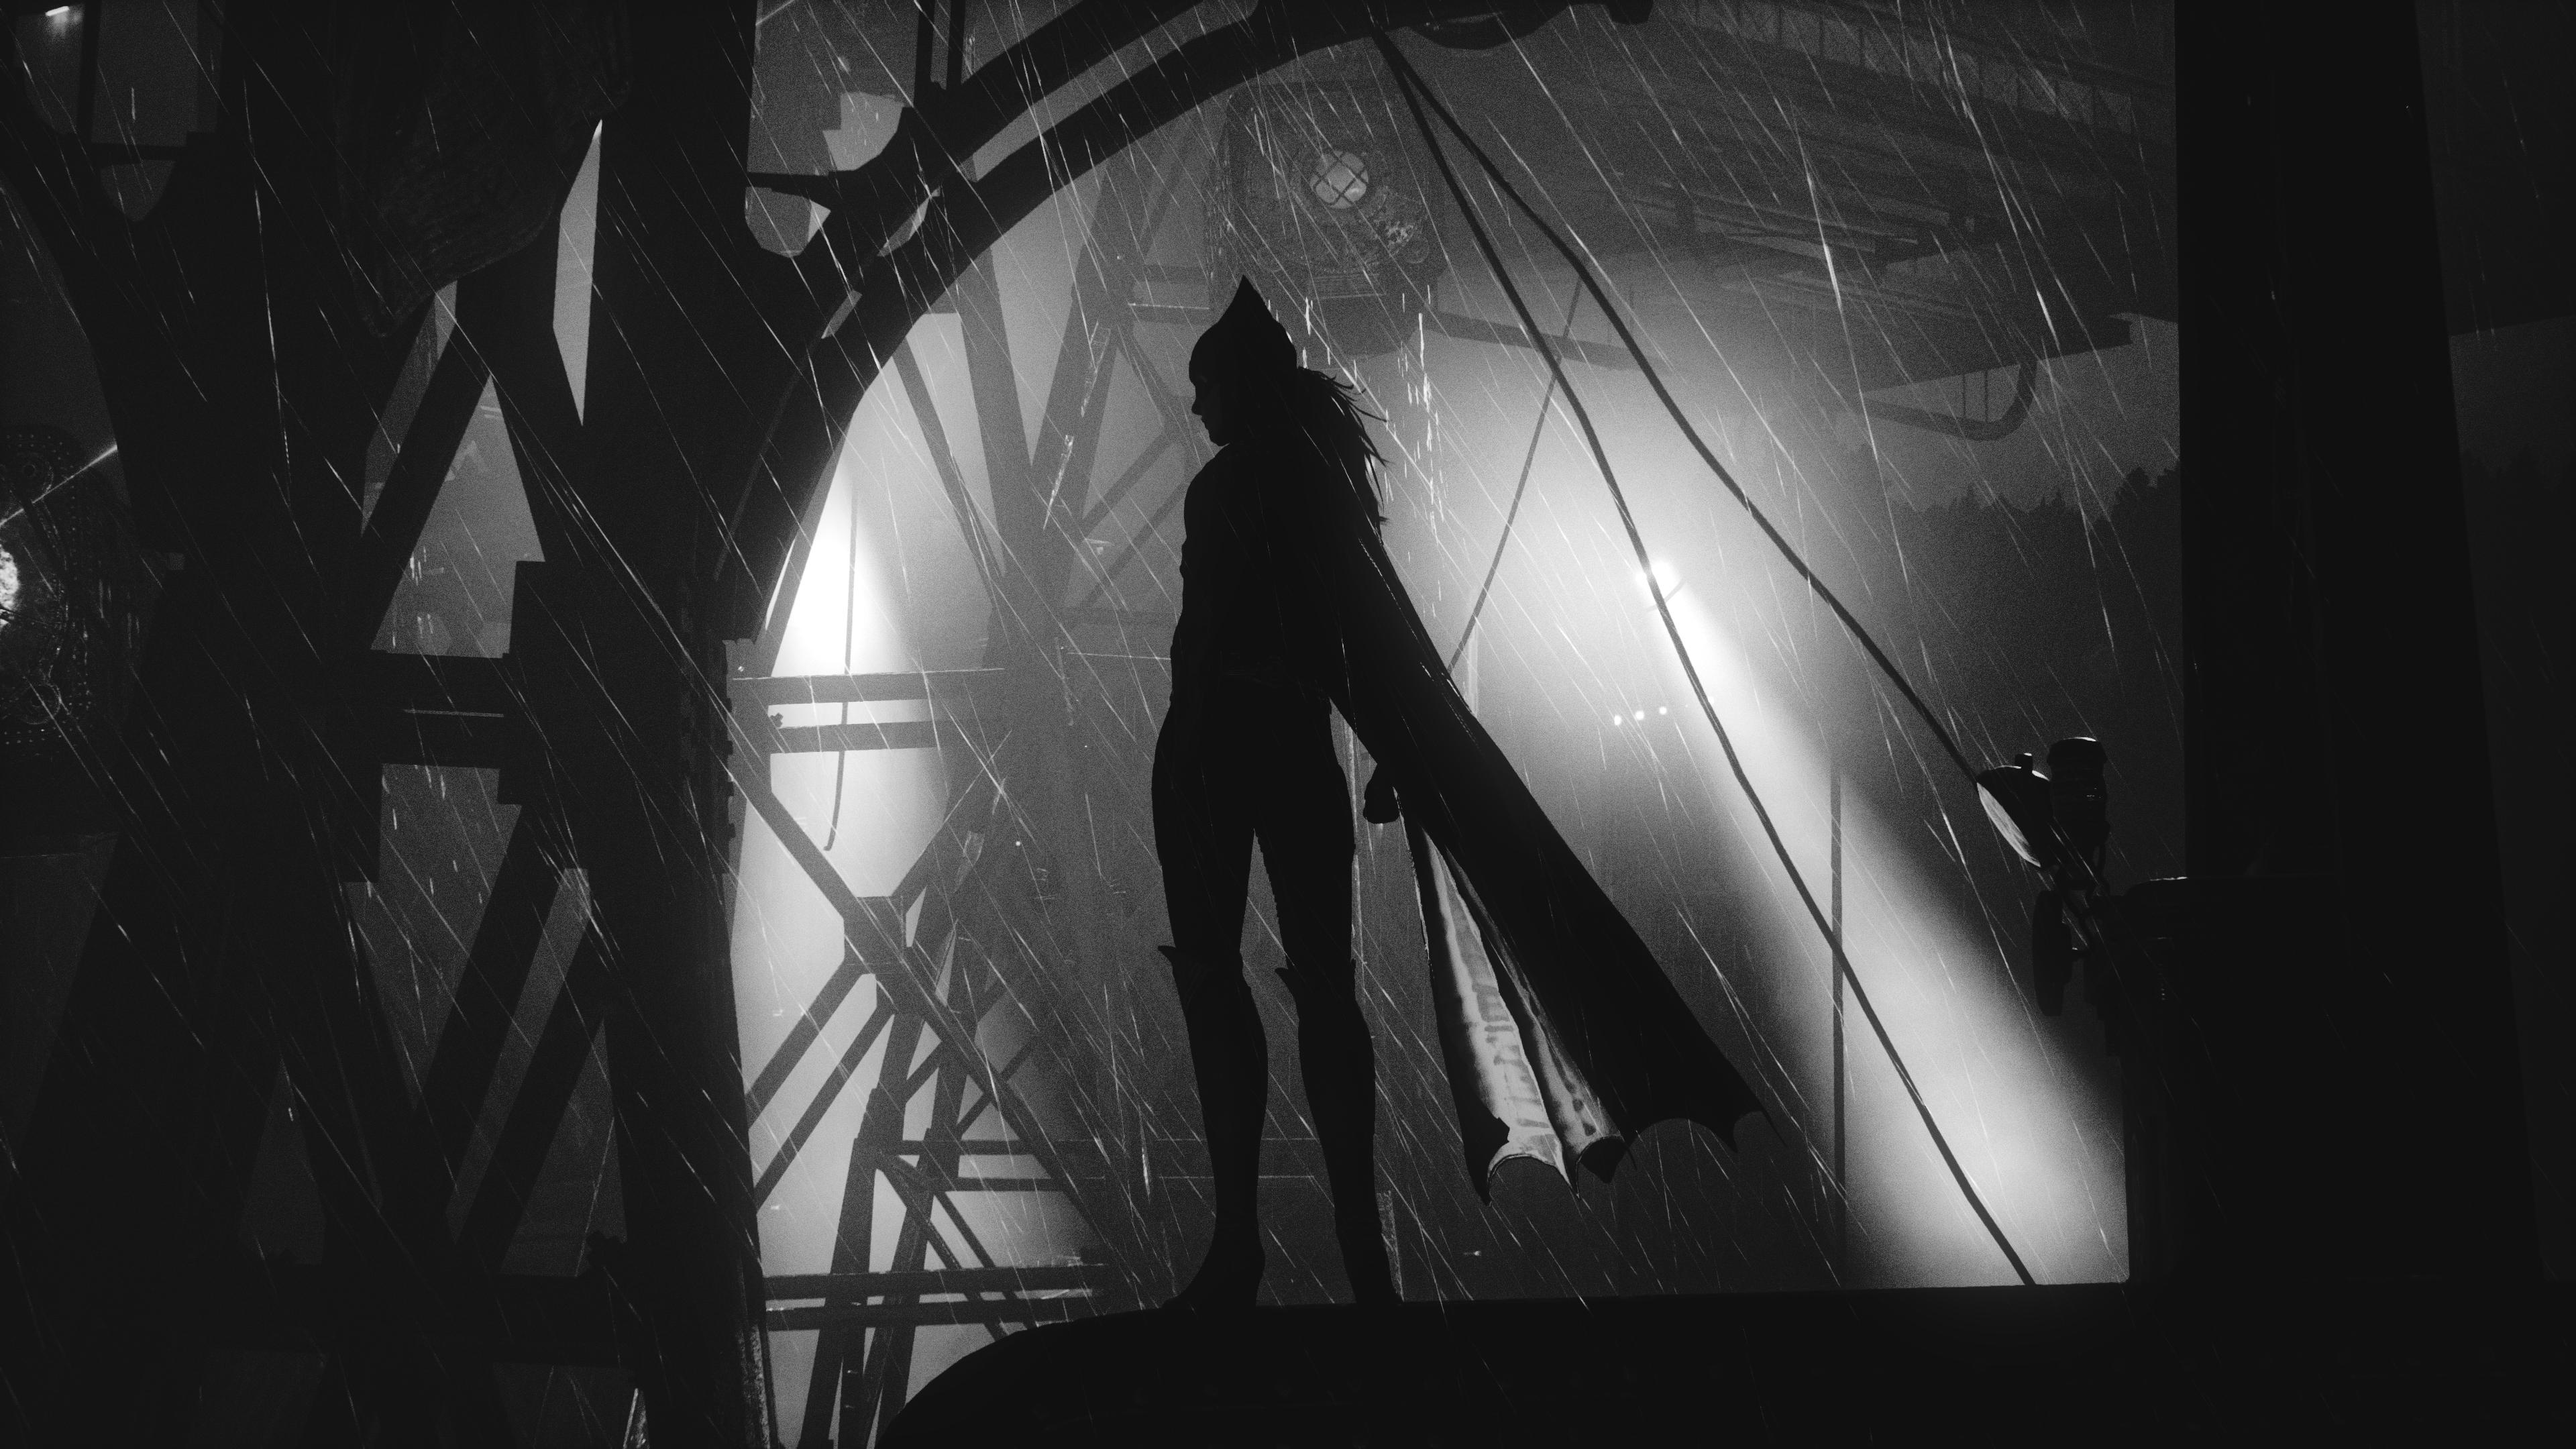 catwoman batman dark knight 4k 1616959931 - Catwoman Batman Dark Knight 4k - Catwoman Batman Dark Knight 4k wallpapers